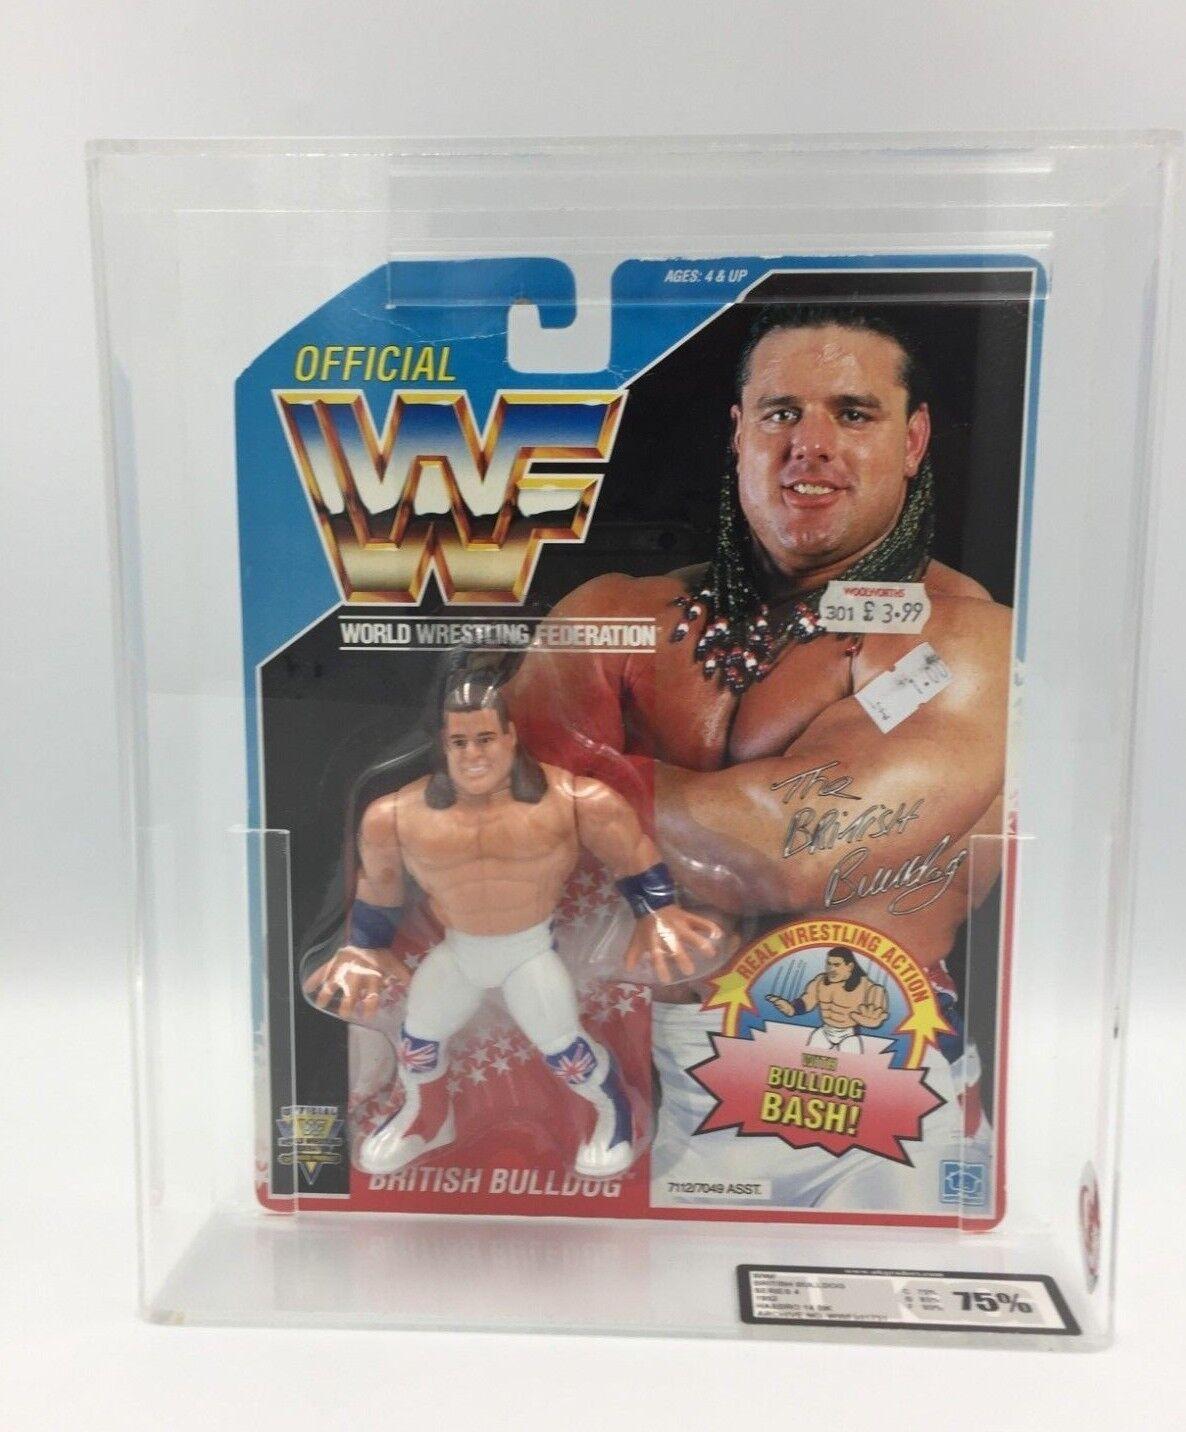 WWF Hasbro BRITISH BULLDOG 14BK 1992 Carded Figure-UKG not AFA graded - RARE